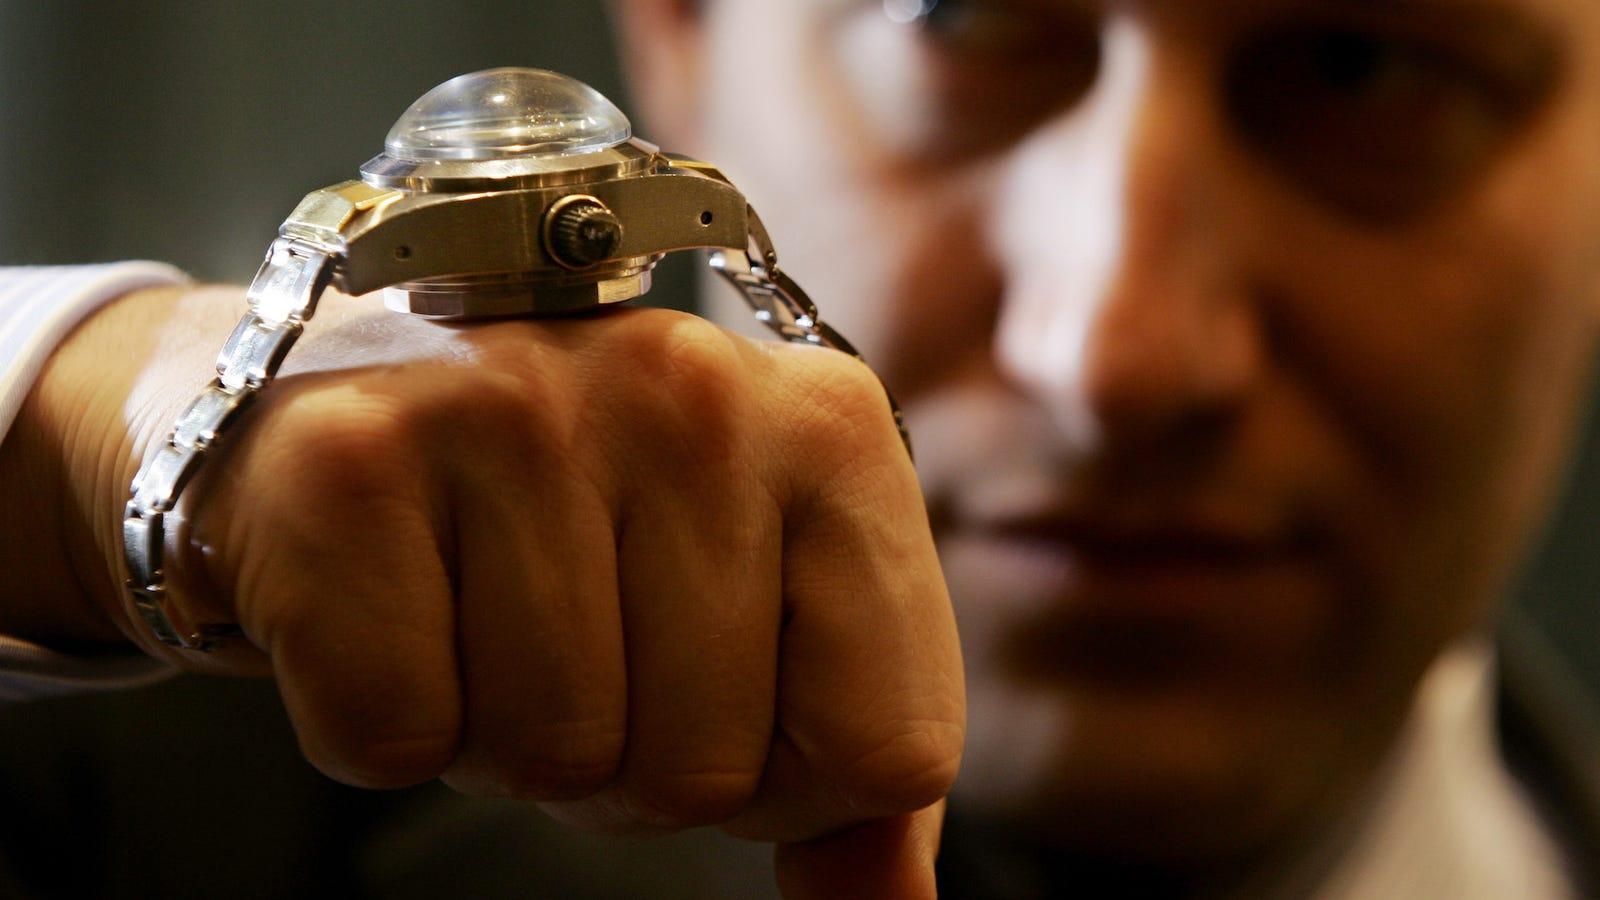 Este barco pesquero regresó del mar con un muerto y una sola pista: un Rolex en la muñeca del cadáver